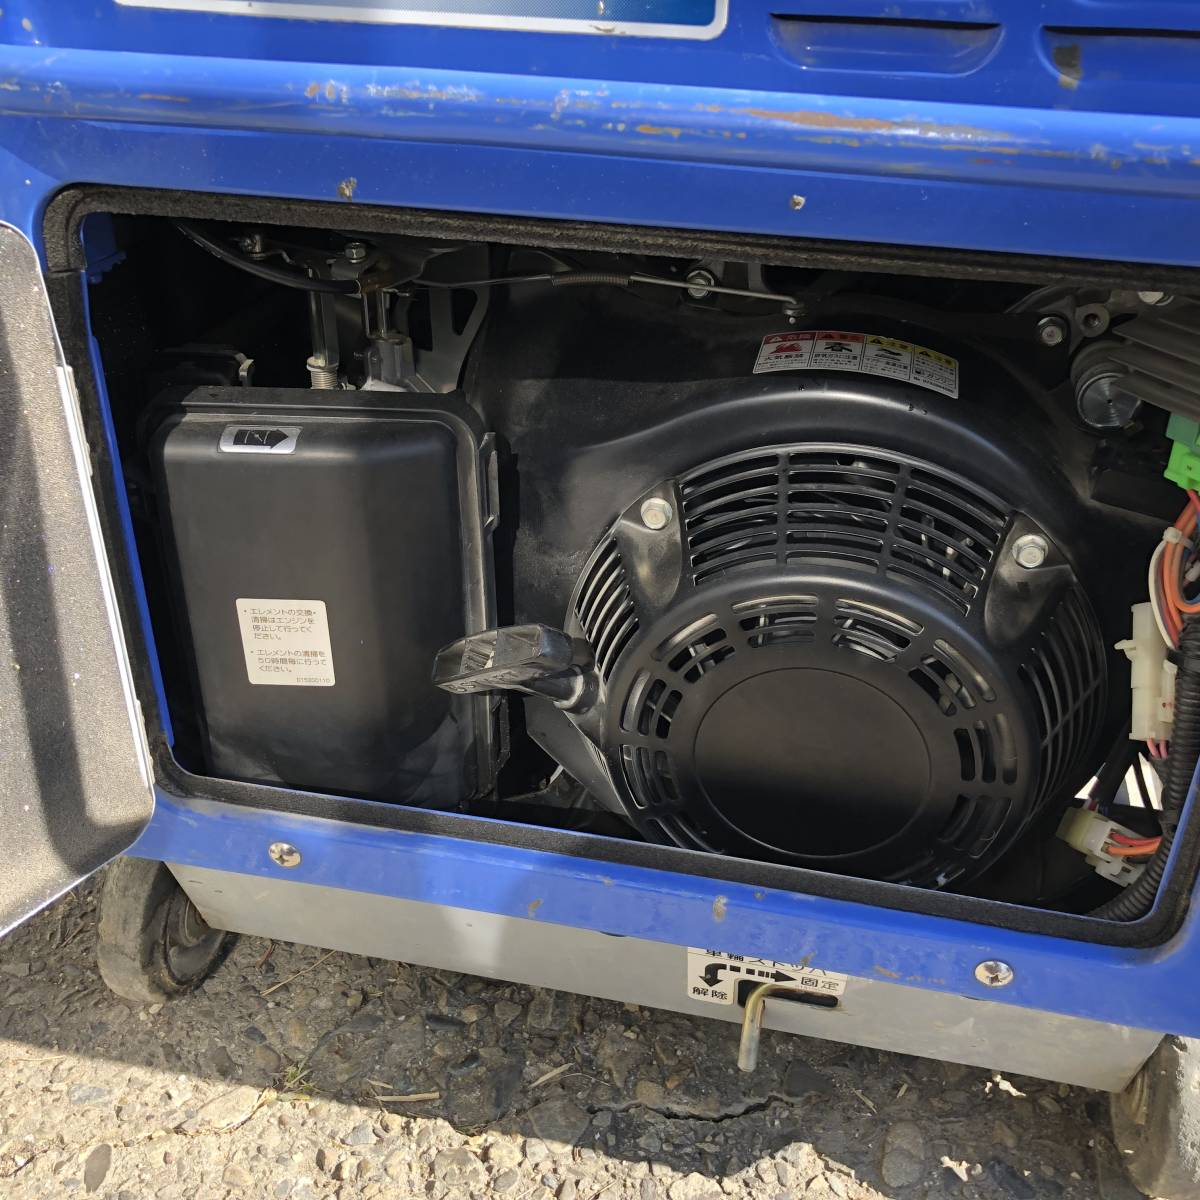 デンヨー 溶接機 GAW-185ES2 ウエルダー 2.0~4.0mm 防音型 インバータ発電機  積算時間161h_画像7